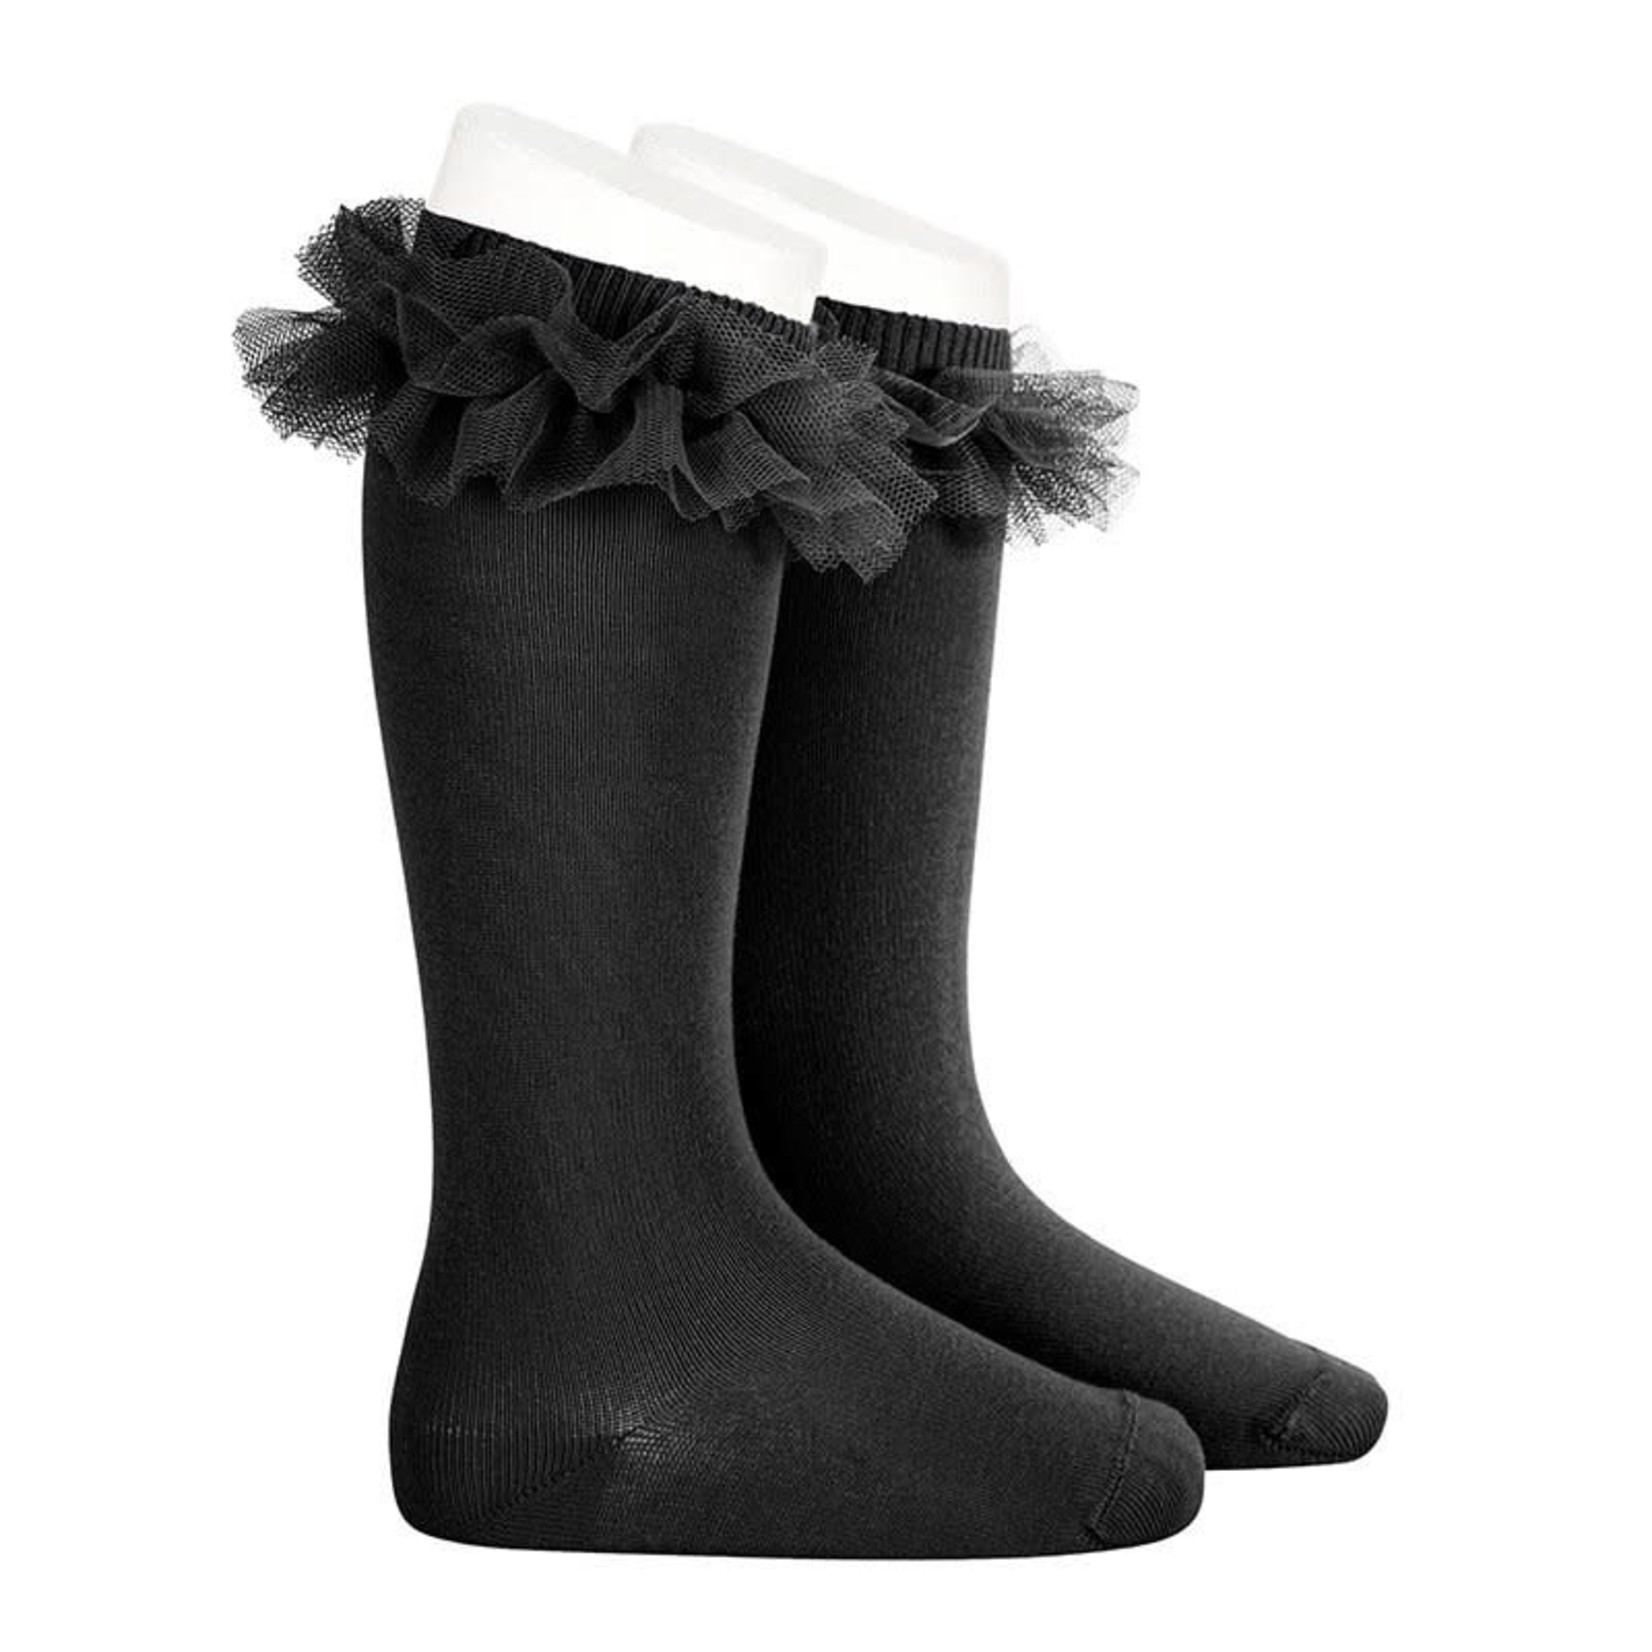 Ruffle Socks Knee High - Black